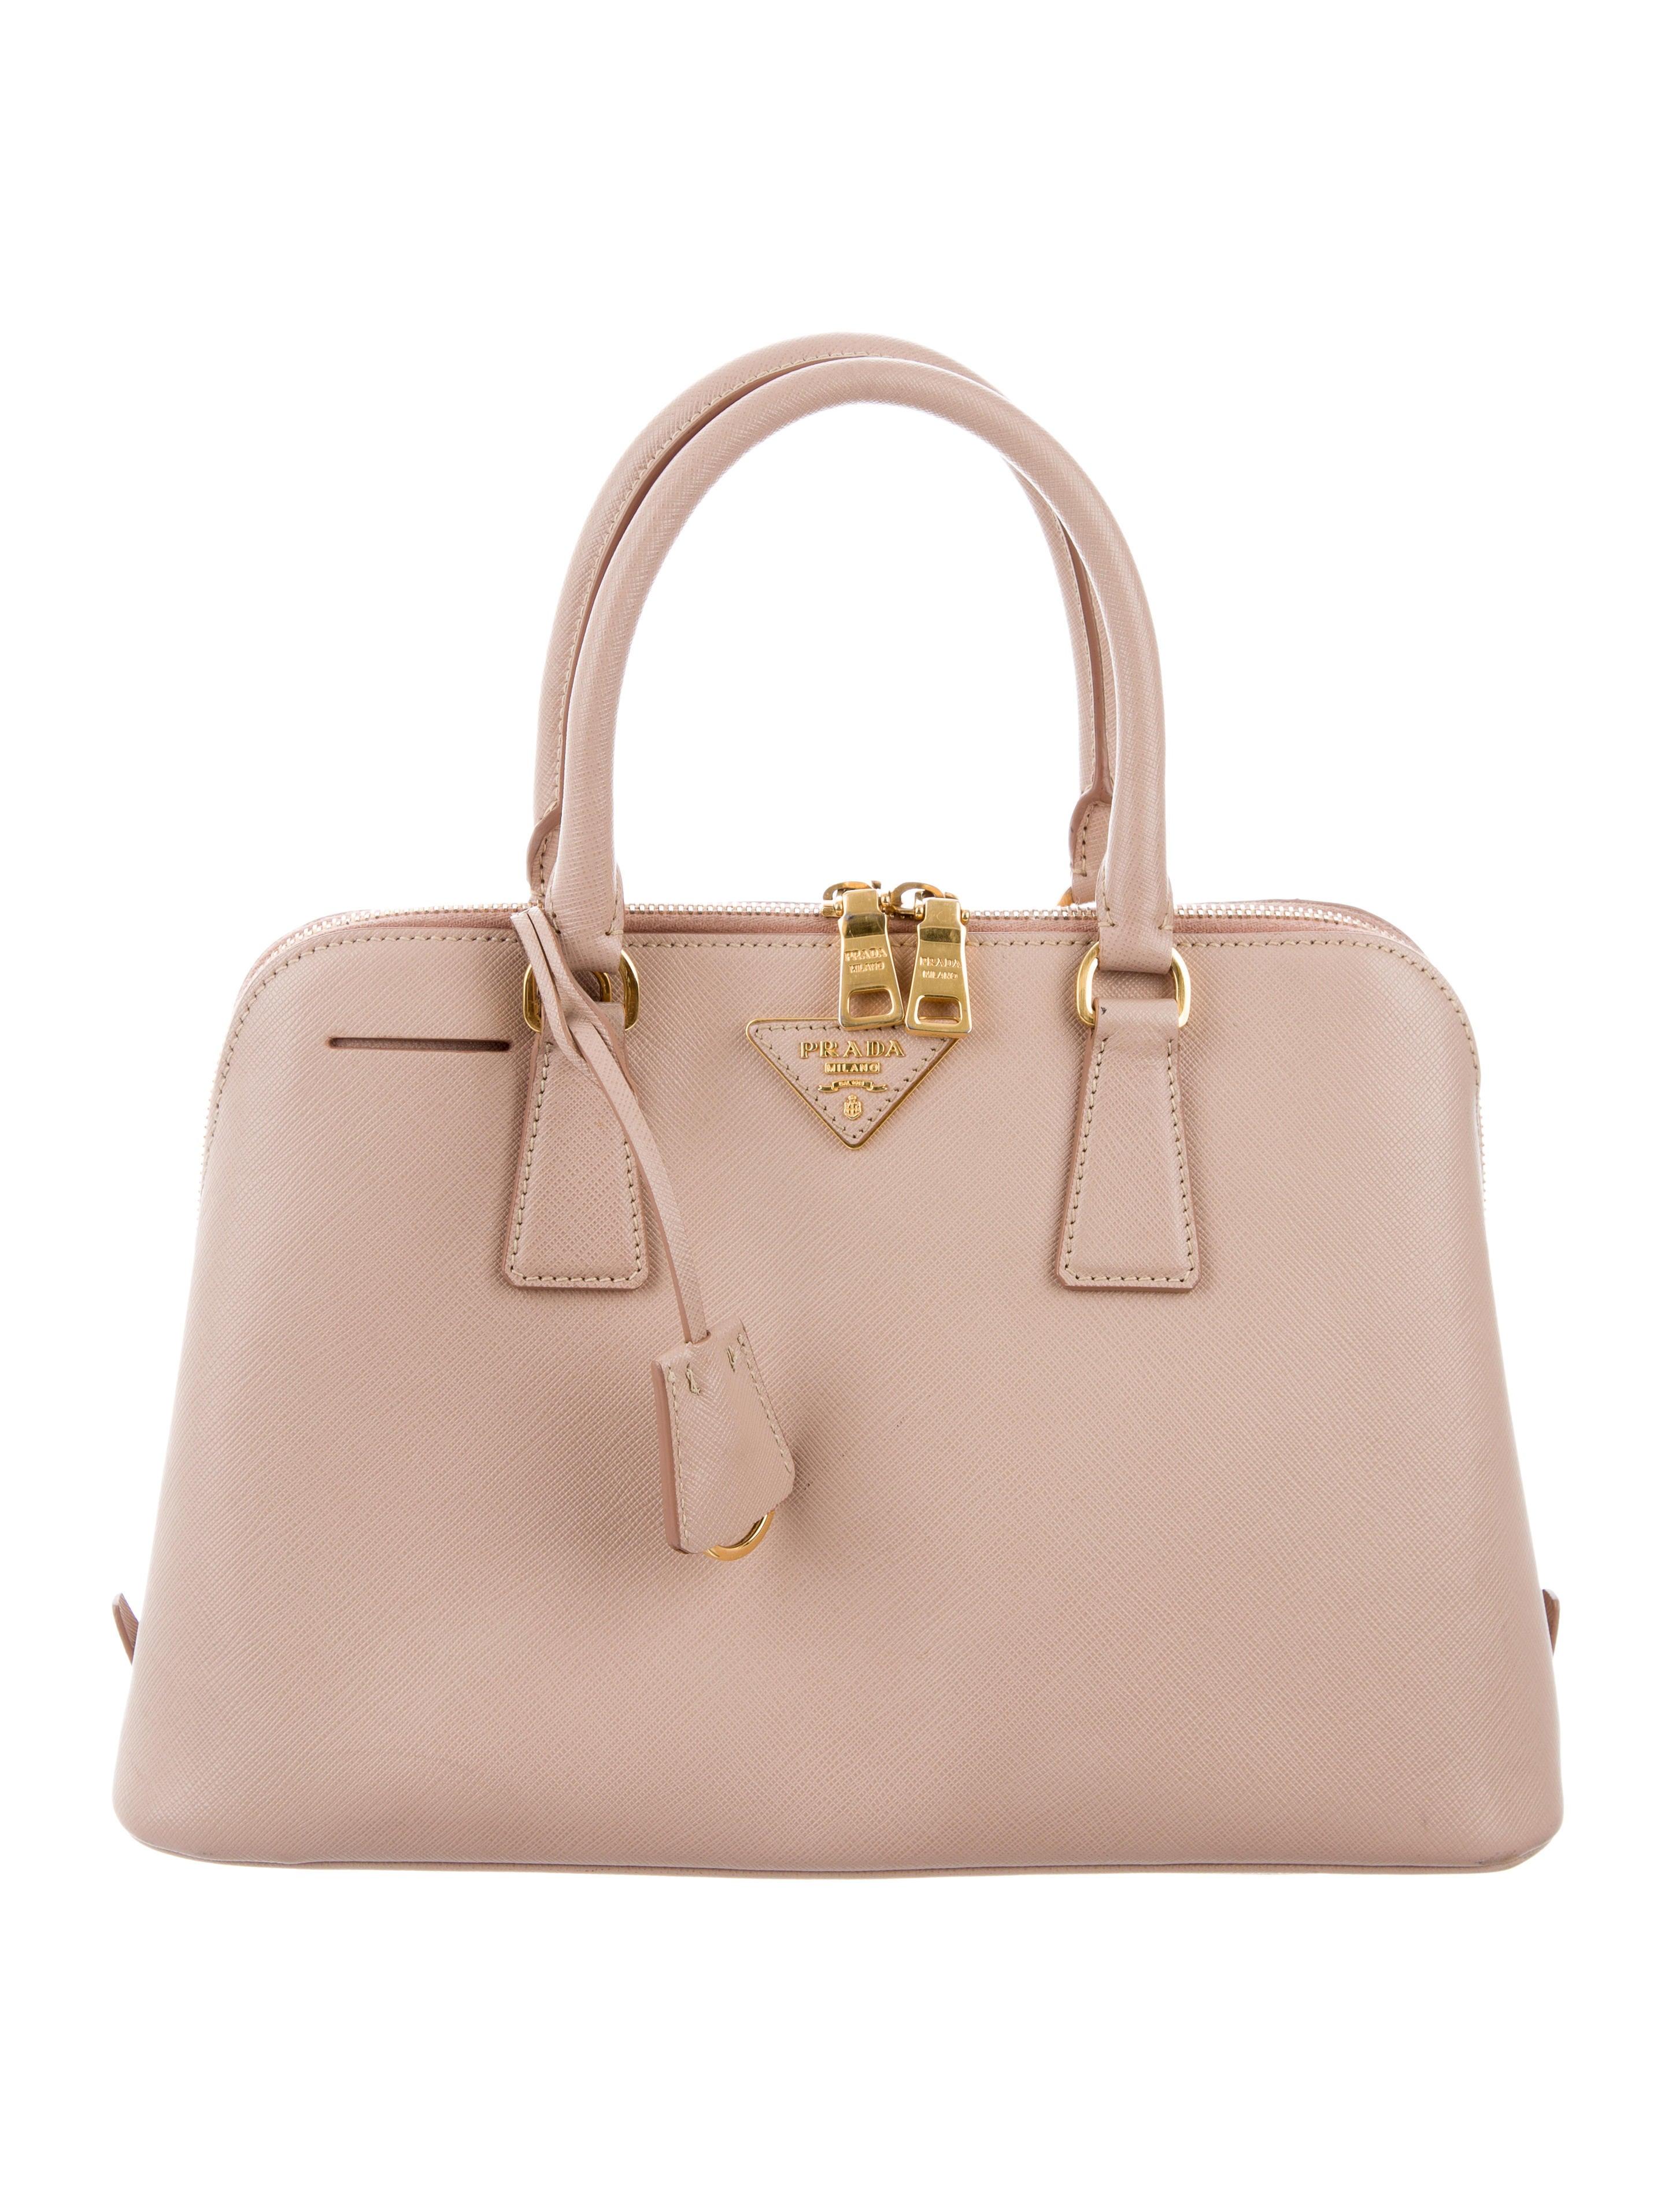 d0eaf094eb754 Prada Saffiano Lux Promenade Bag - Handbags - PRA156712